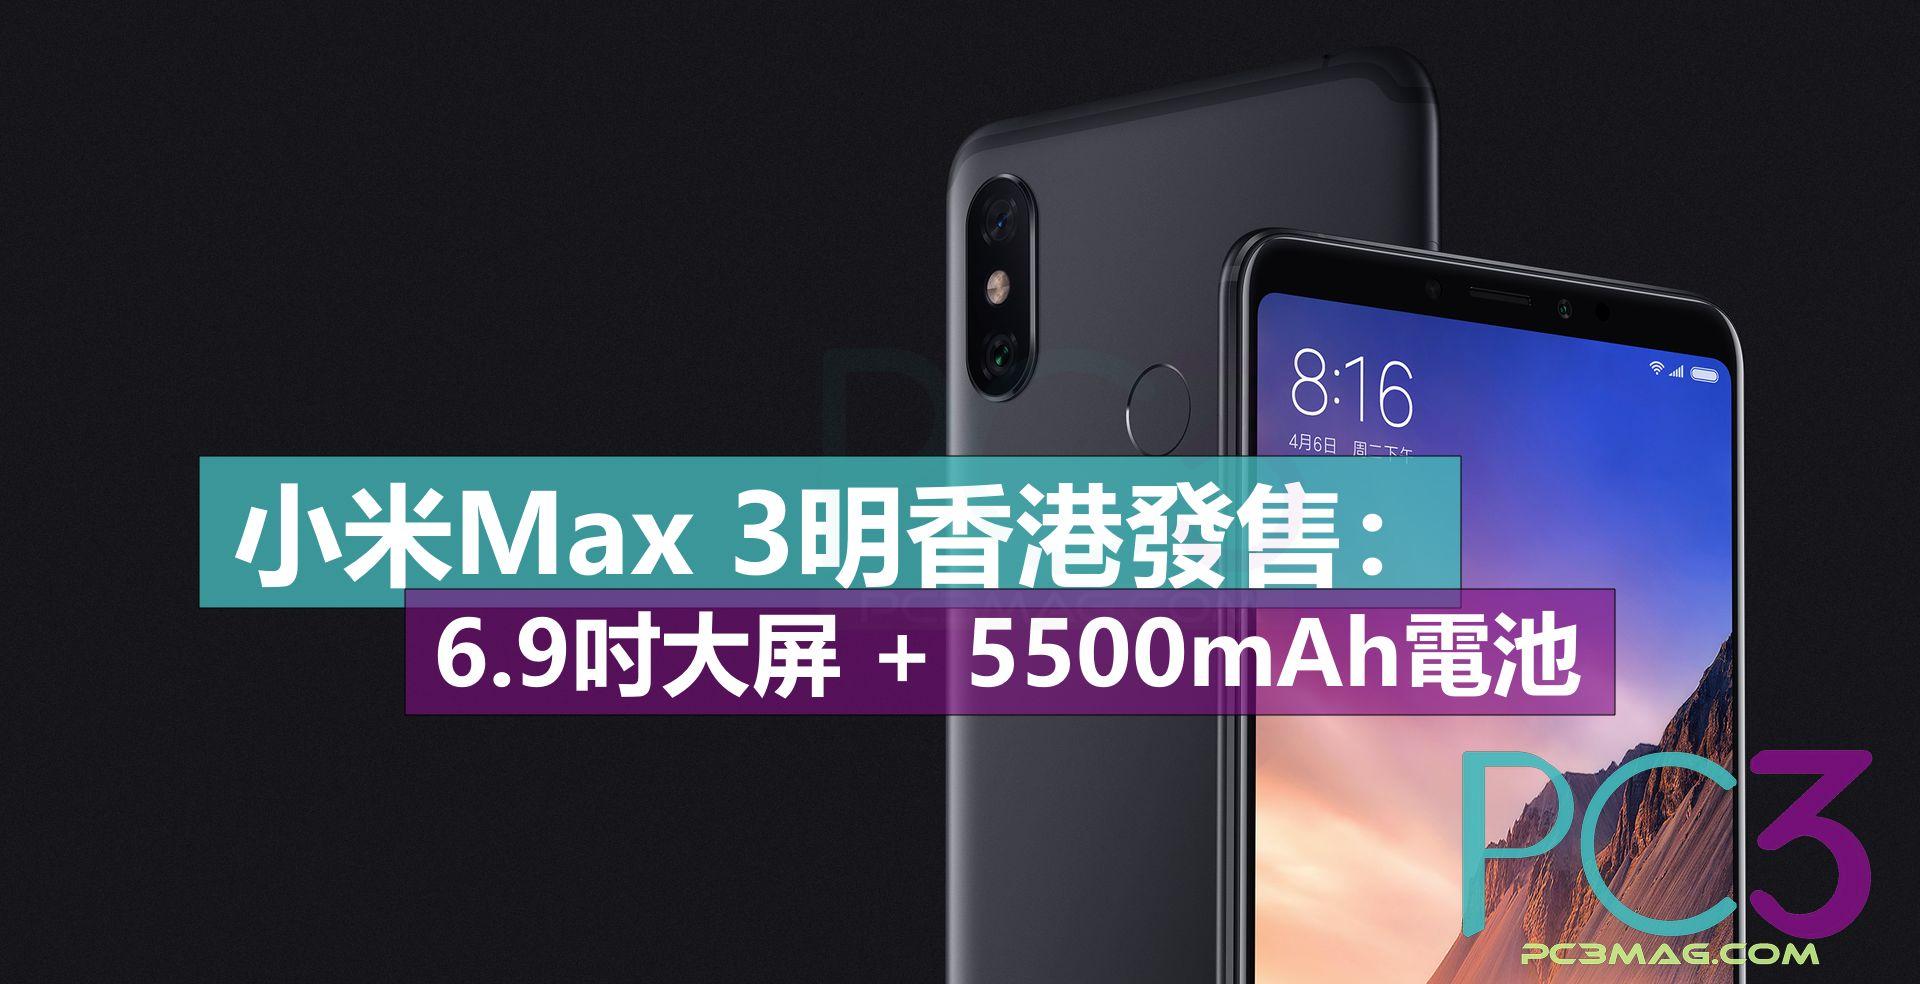 小米Max 3今香港發售:6.9吋大屏+5500mAh電池!